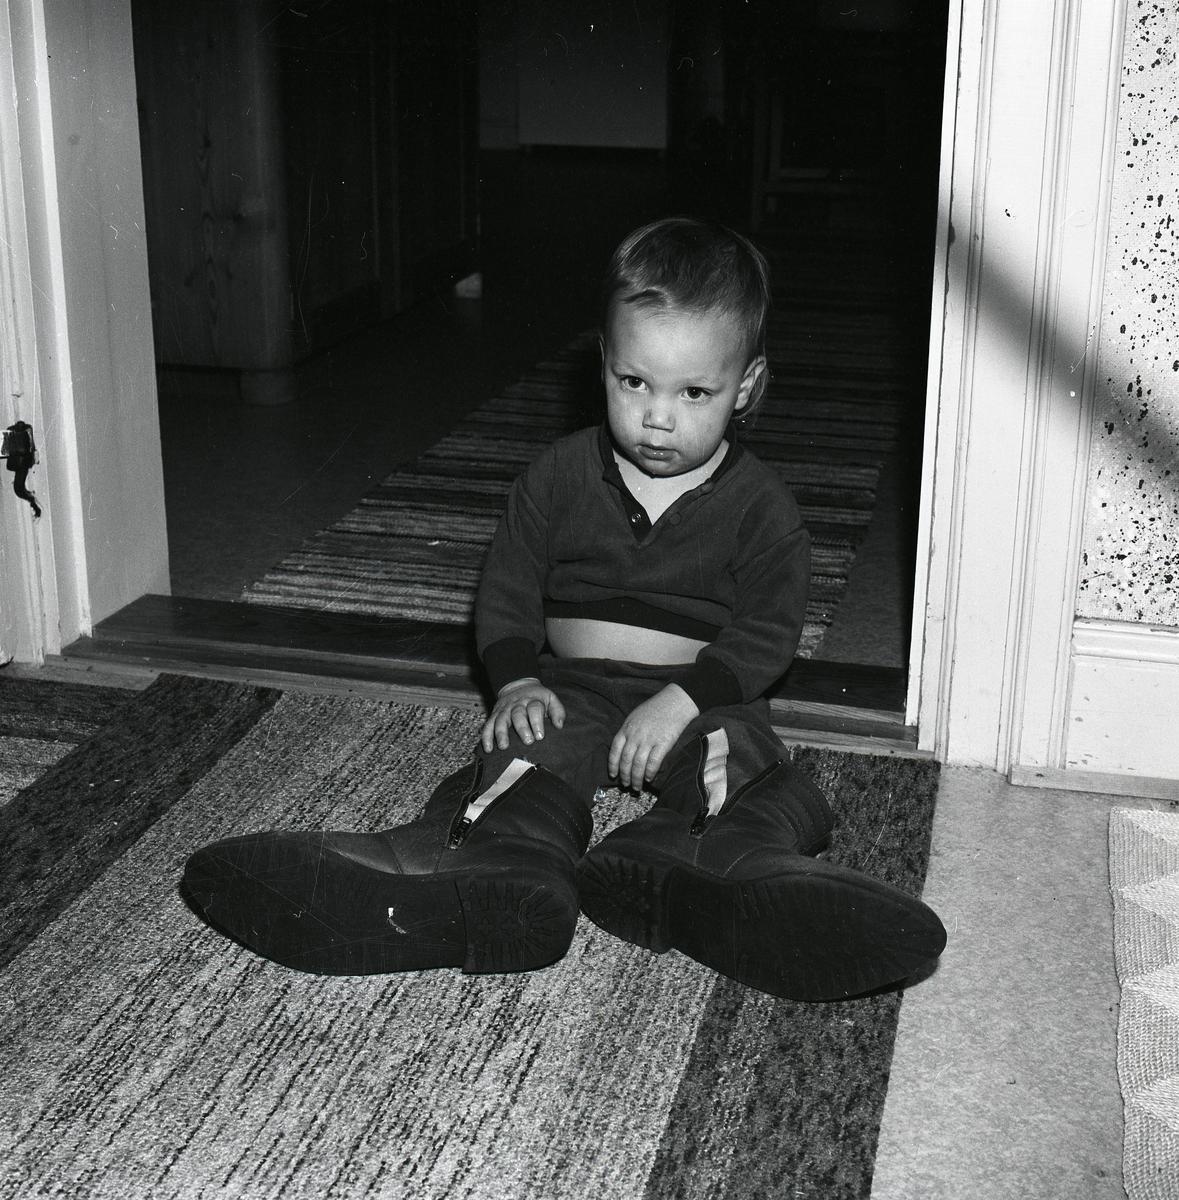 Ett litet barn sitter på en matta på golvet och provar mycket stora skor.